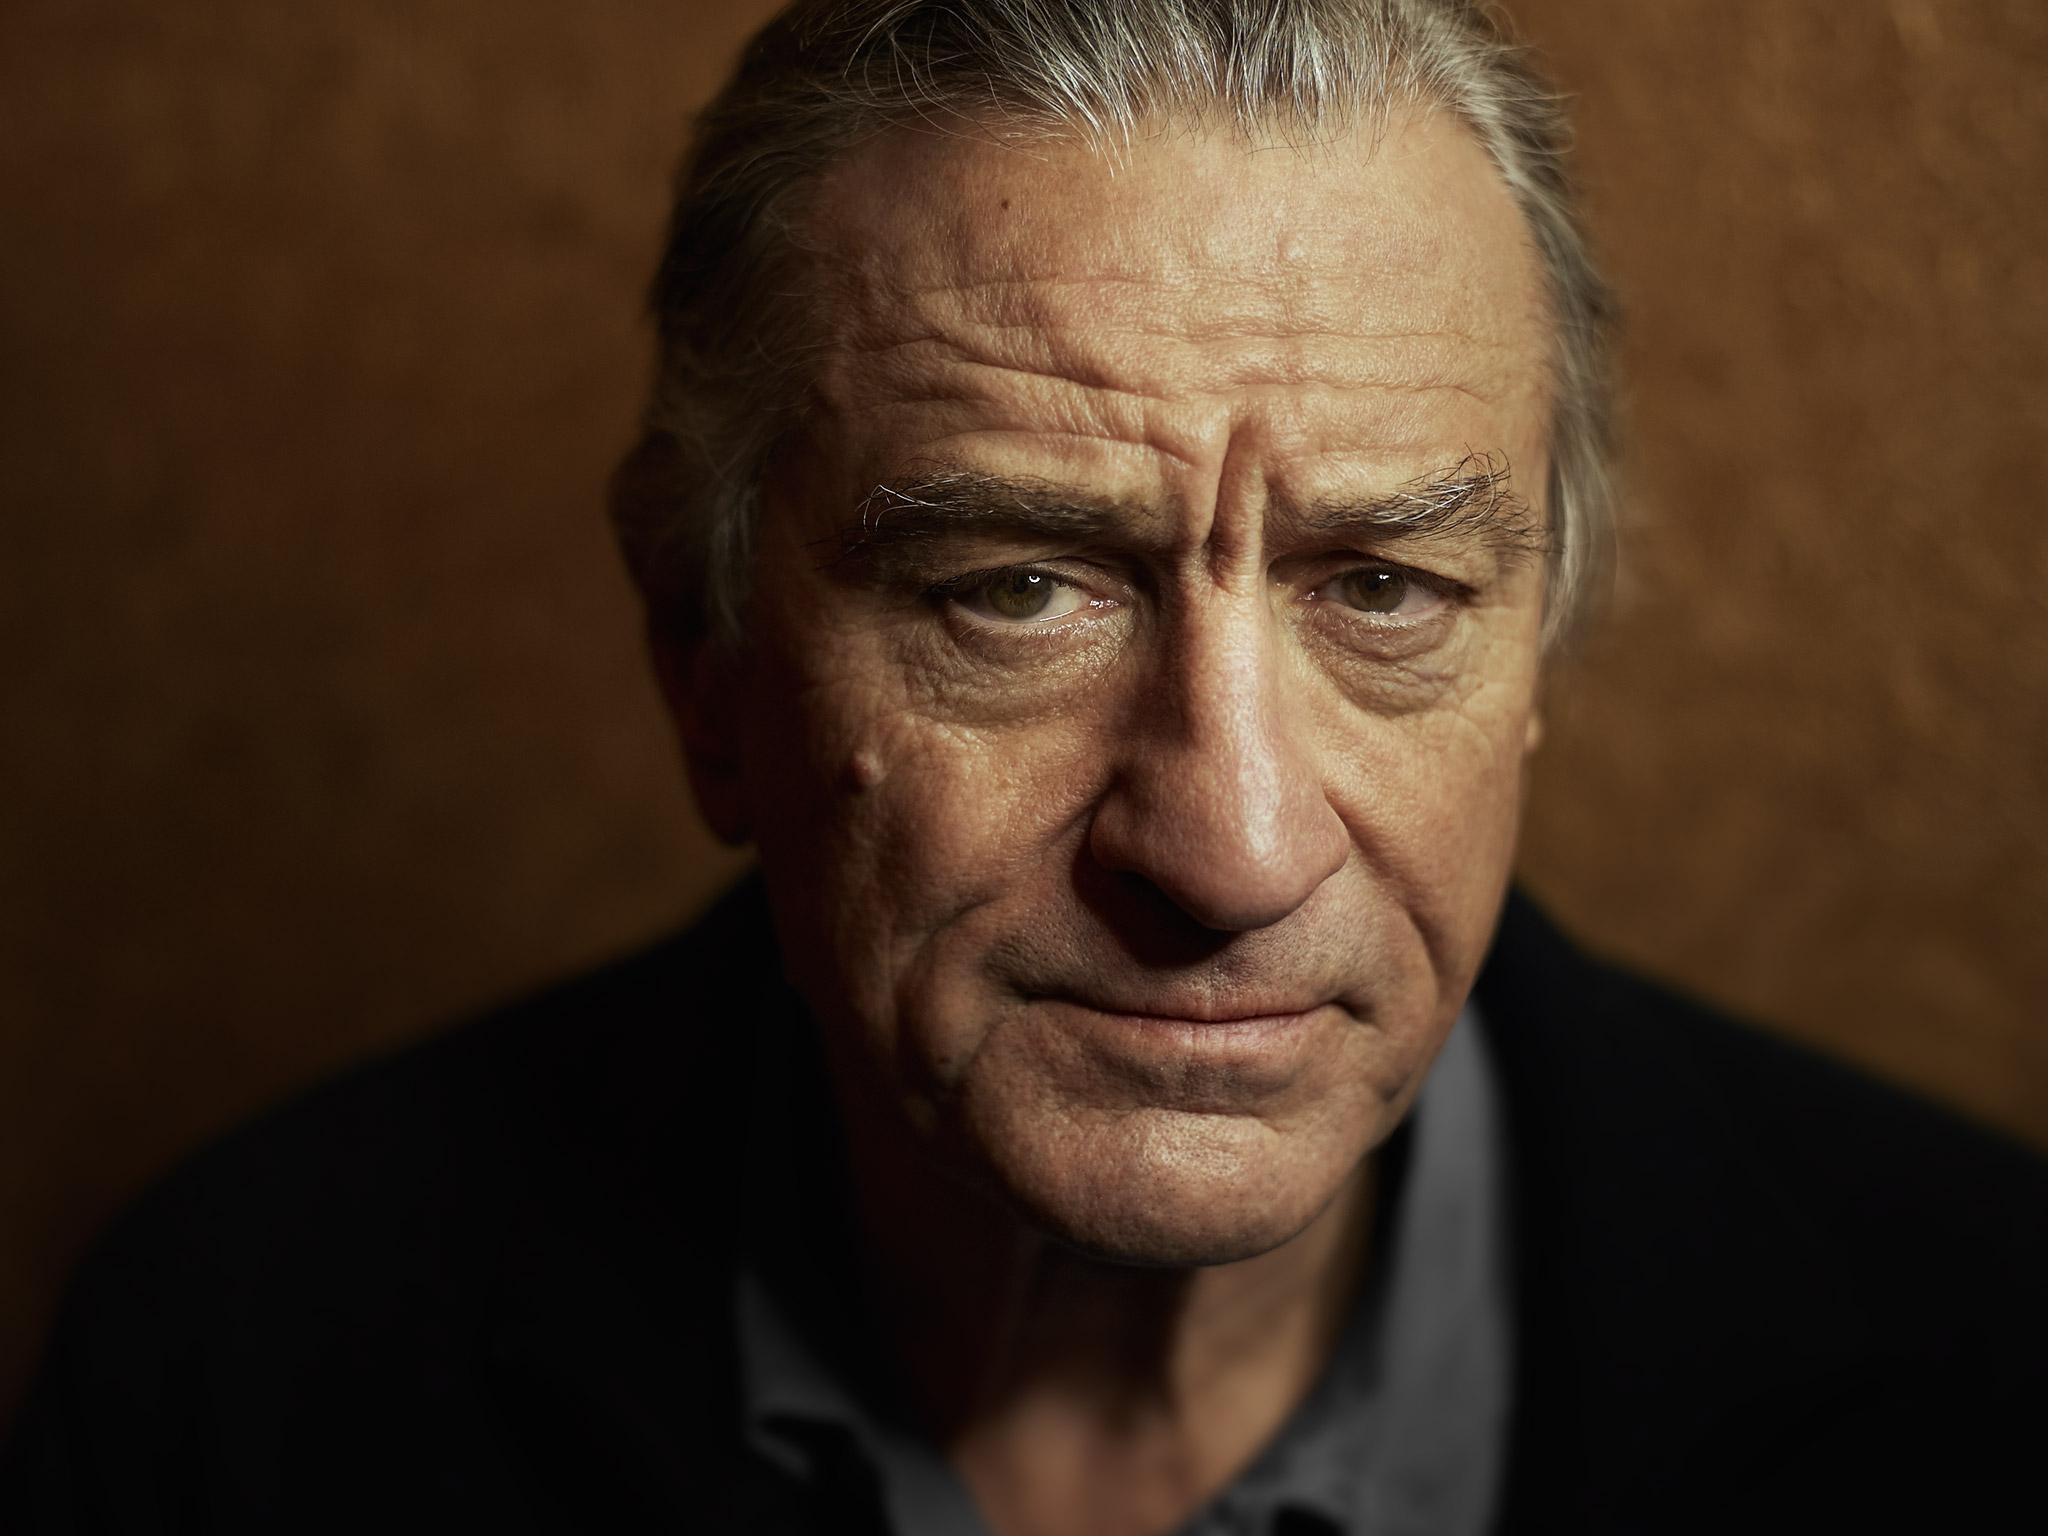 Robert De Niro est un Acteur Producteur Producteur délégué américain Robert De Niro sera bientôt à laffiche au cinéma avec 3 films Découvrez sa